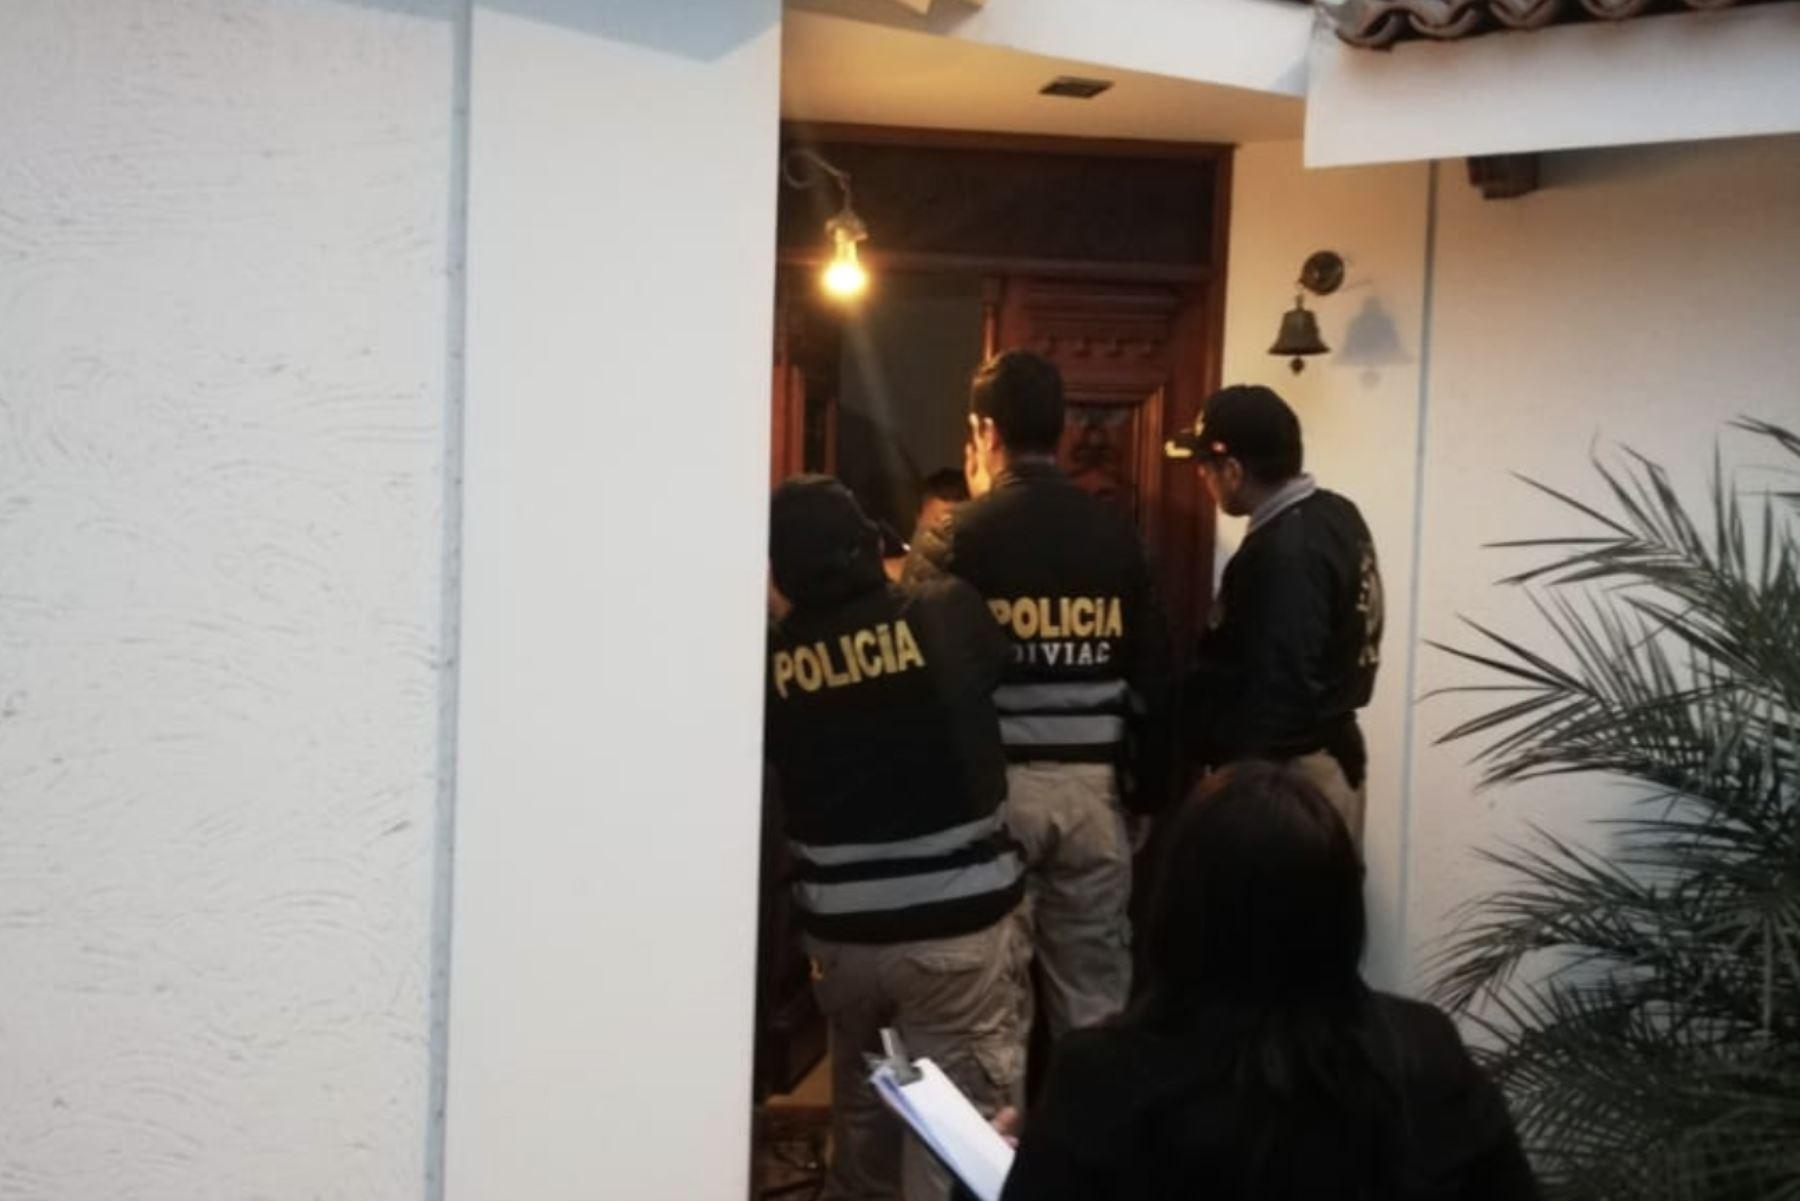 El Equipo Especial Lava Jato del Ministerio Público dirige allanamiento judicial de 4 inmuebles, en los distritos de Surco y San Borja, vinculados a Santiago Chau Novoa y Magdalena Bravo Hinostroza, como parte de la investigación en torno al Caso Metro de Lima. Foto: Twitter/@FiscaliaPeru